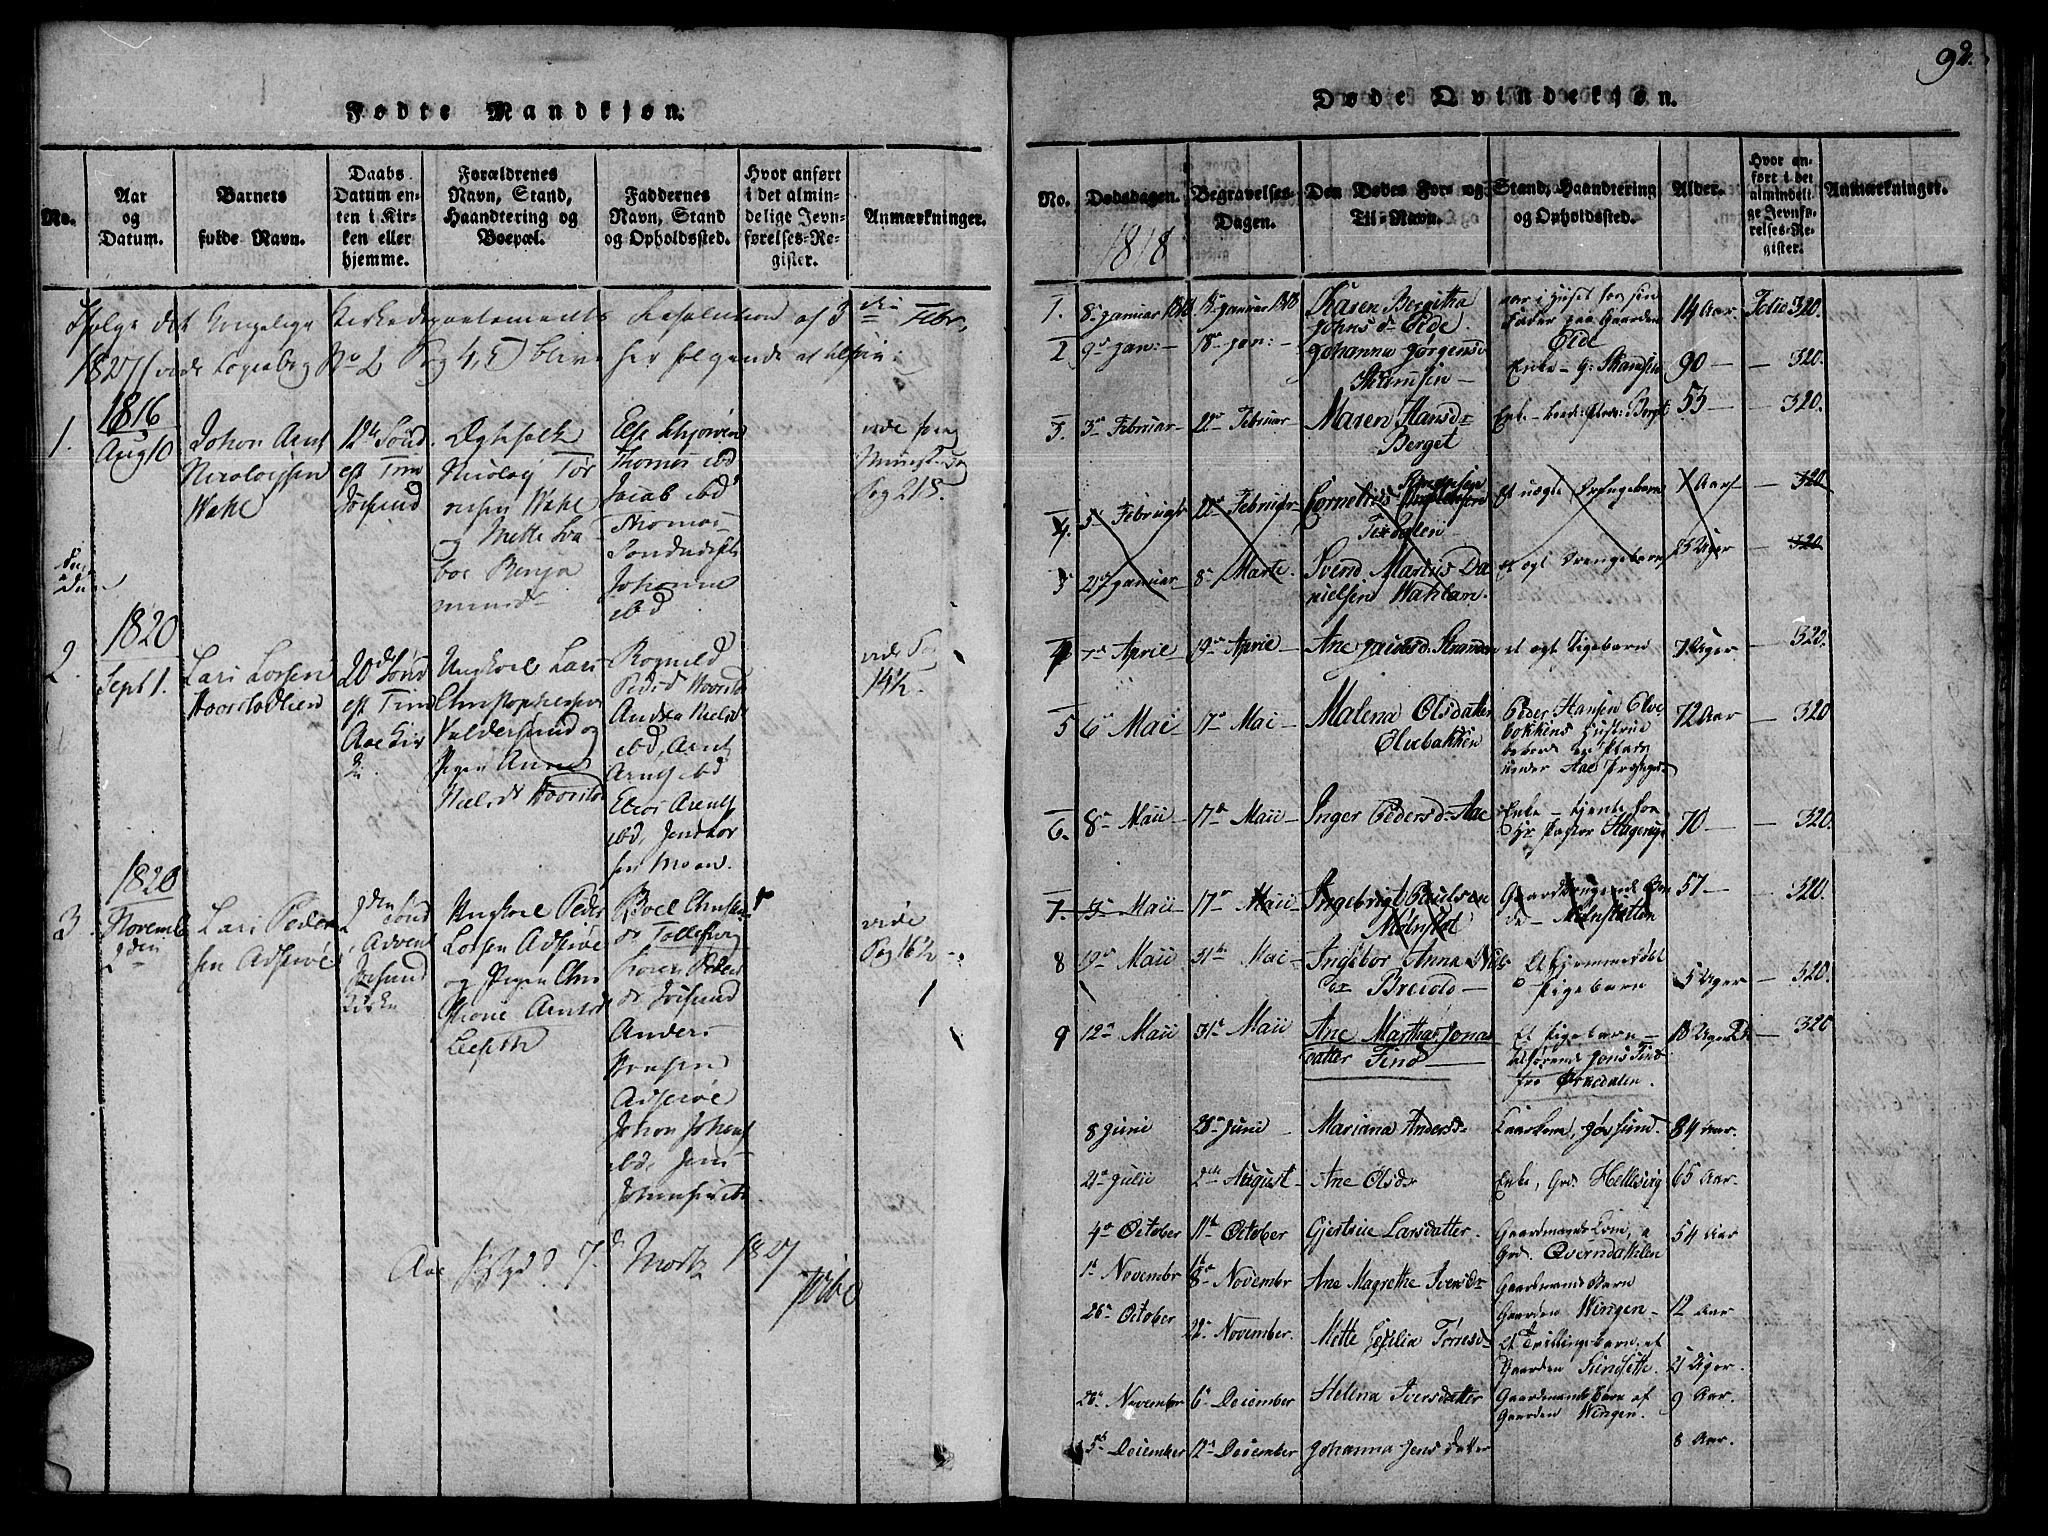 SAT, Ministerialprotokoller, klokkerbøker og fødselsregistre - Sør-Trøndelag, 655/L0675: Ministerialbok nr. 655A04, 1818-1830, s. 92